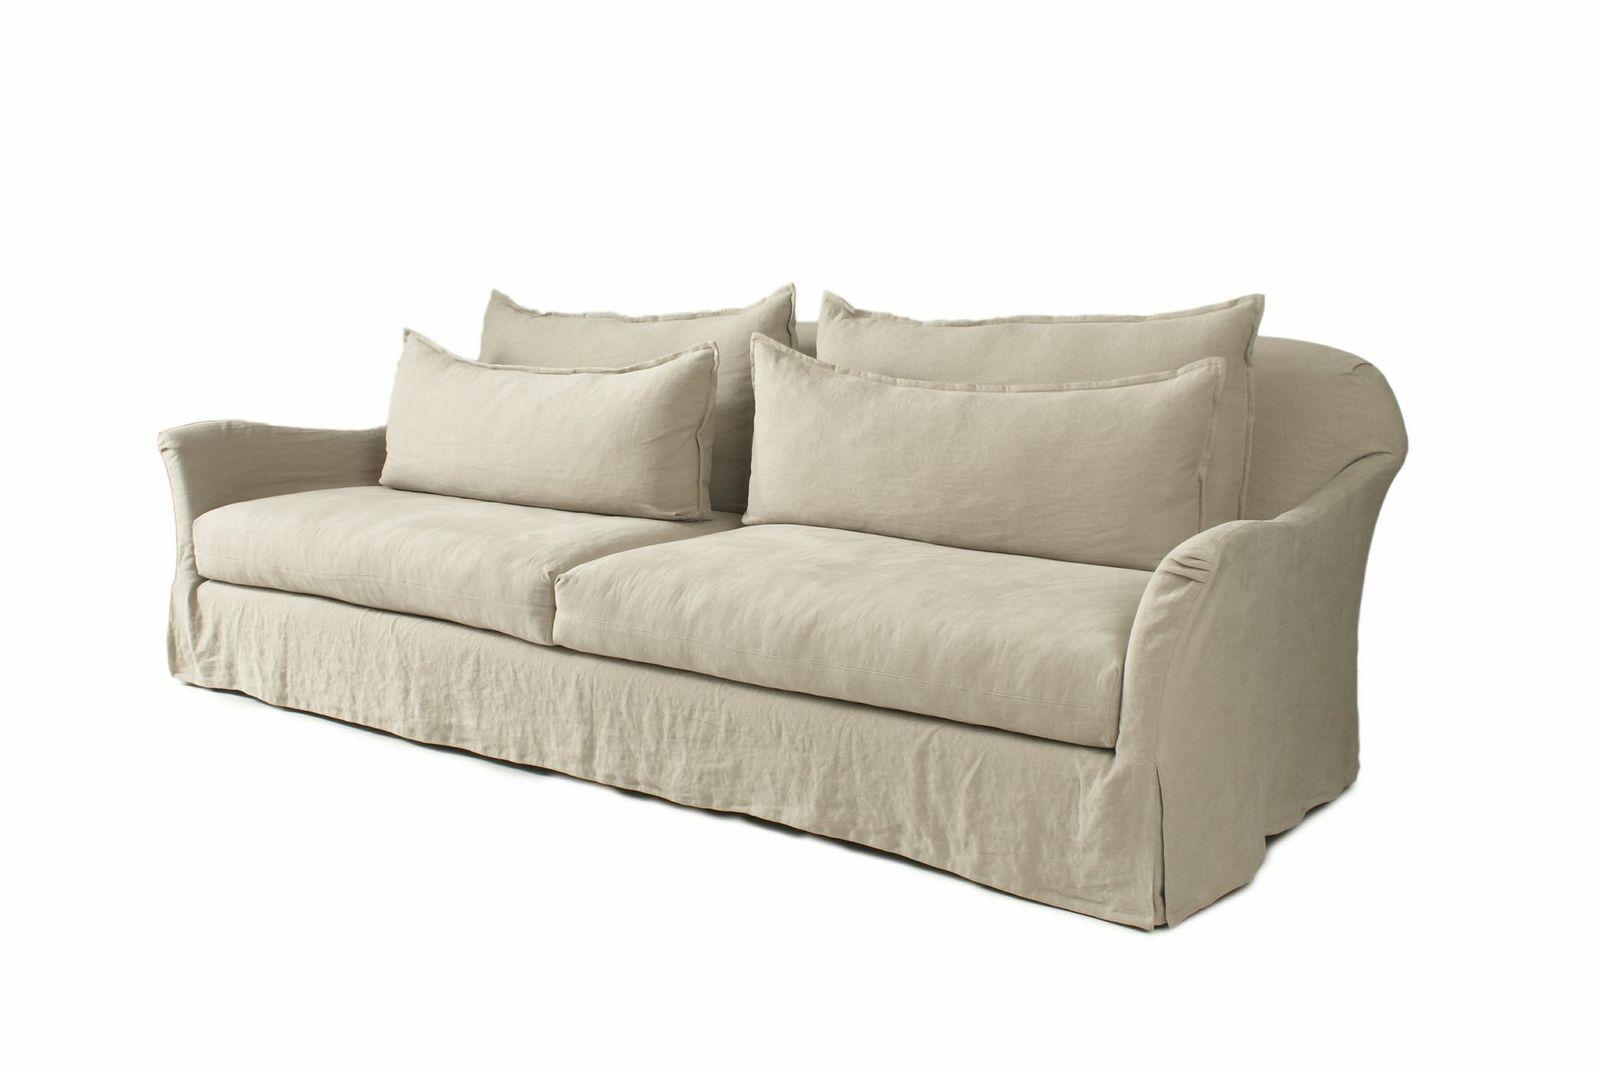 verellen sofas nyc home